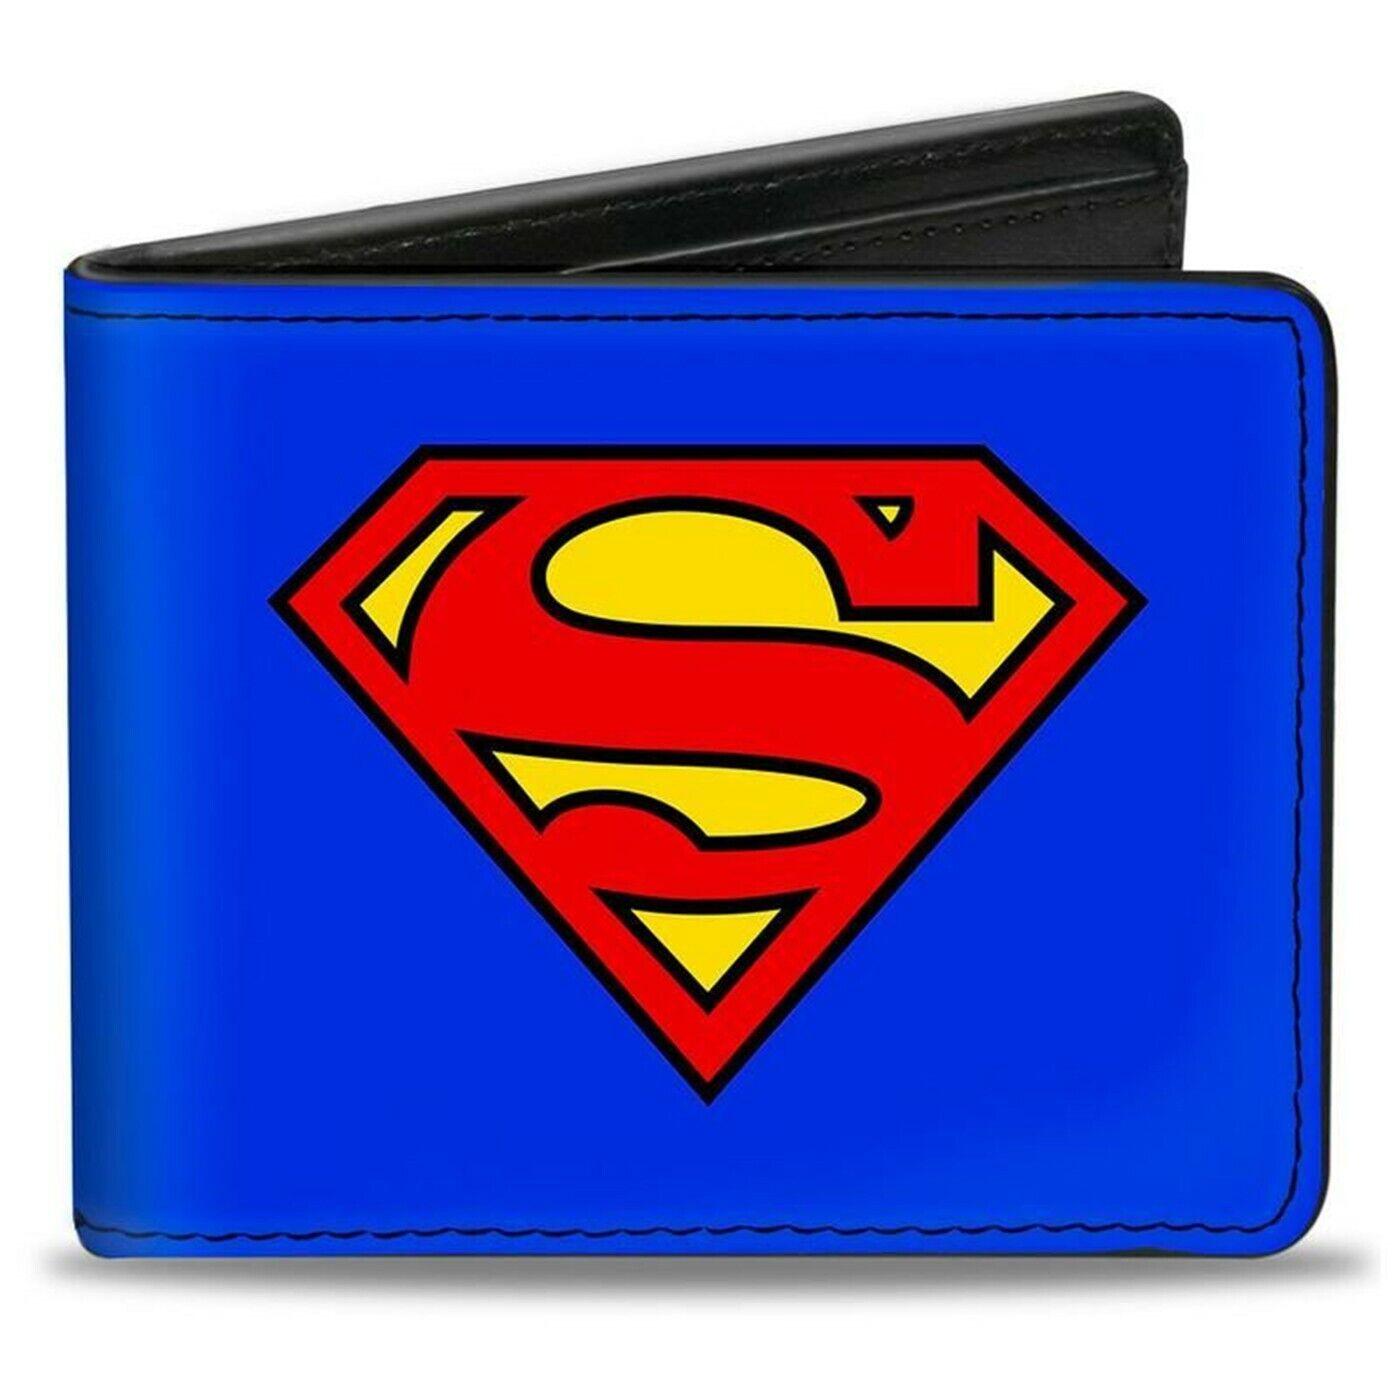 Superman Symbol on Blue Vegan Leather Bi-Fold Wallet Blue